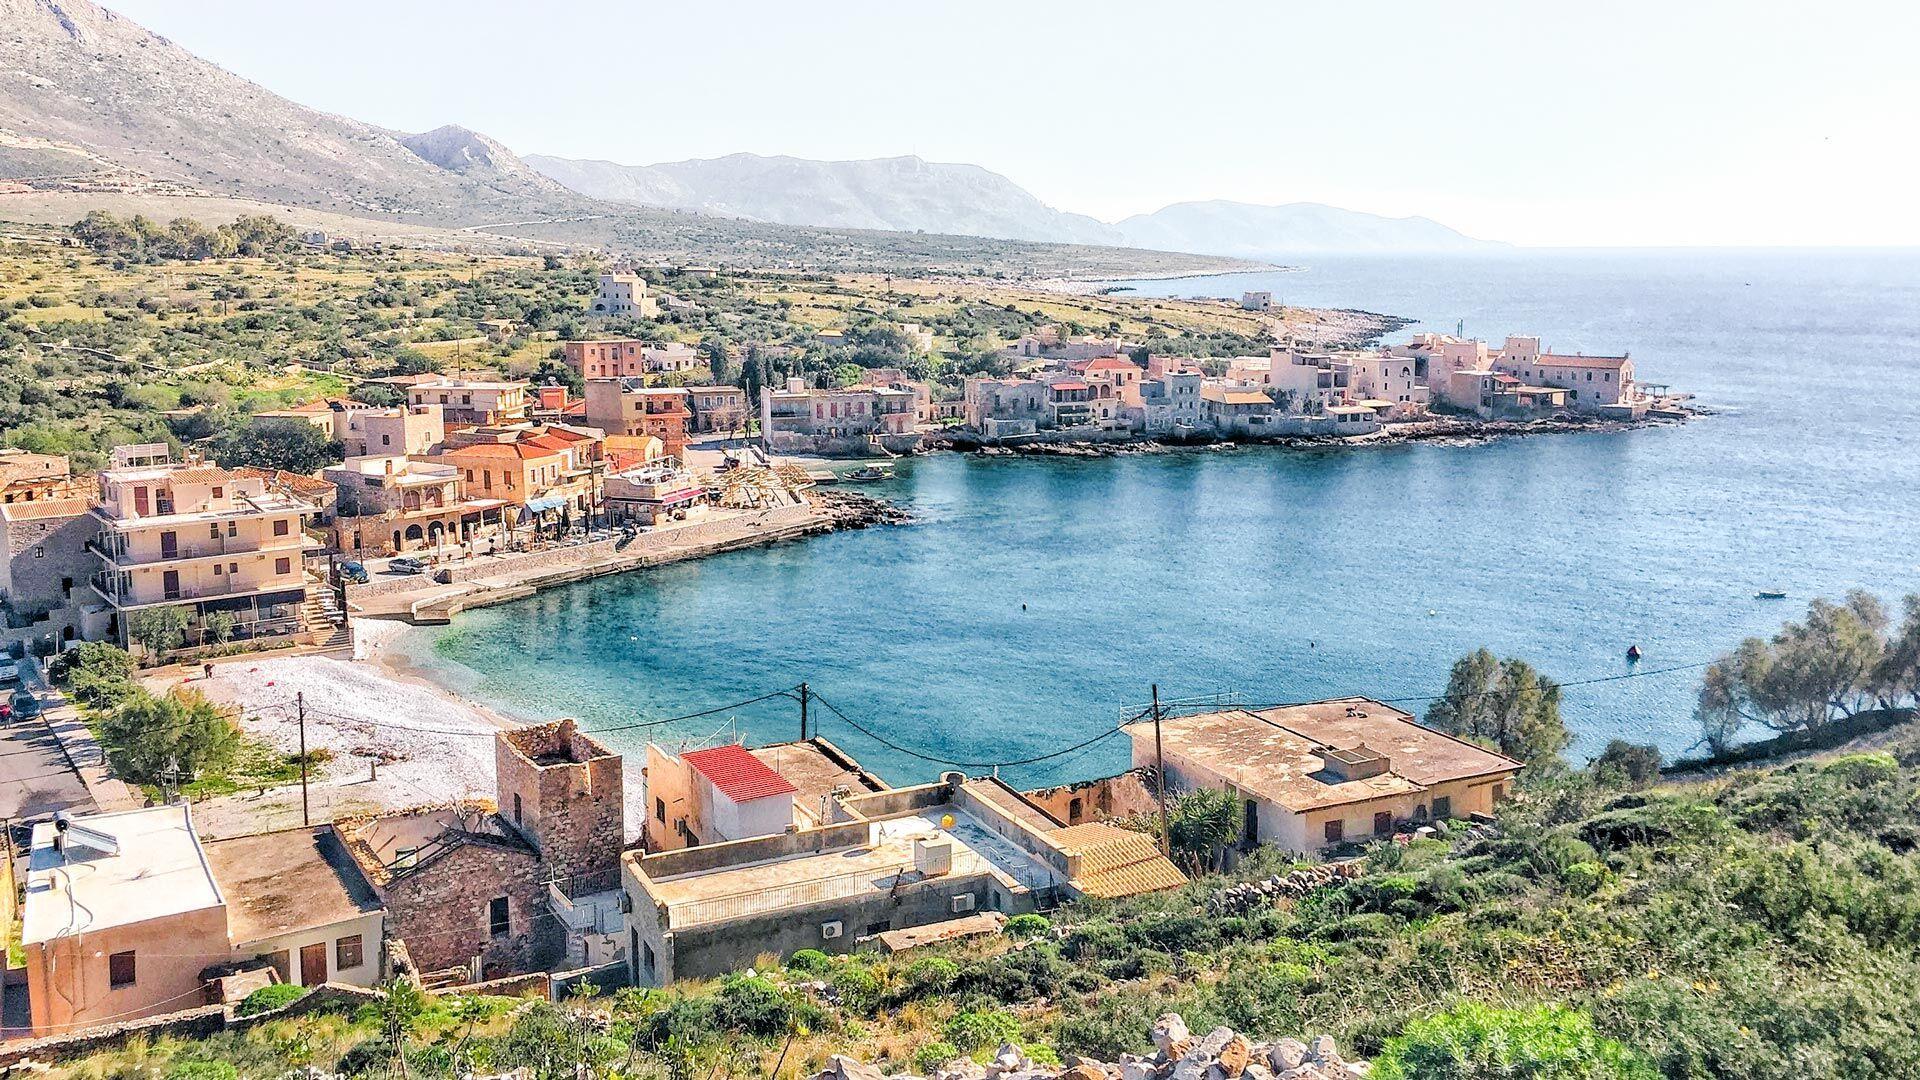 Μάνη | Διακοπές στη Πελοπόννησος | Discover Greece